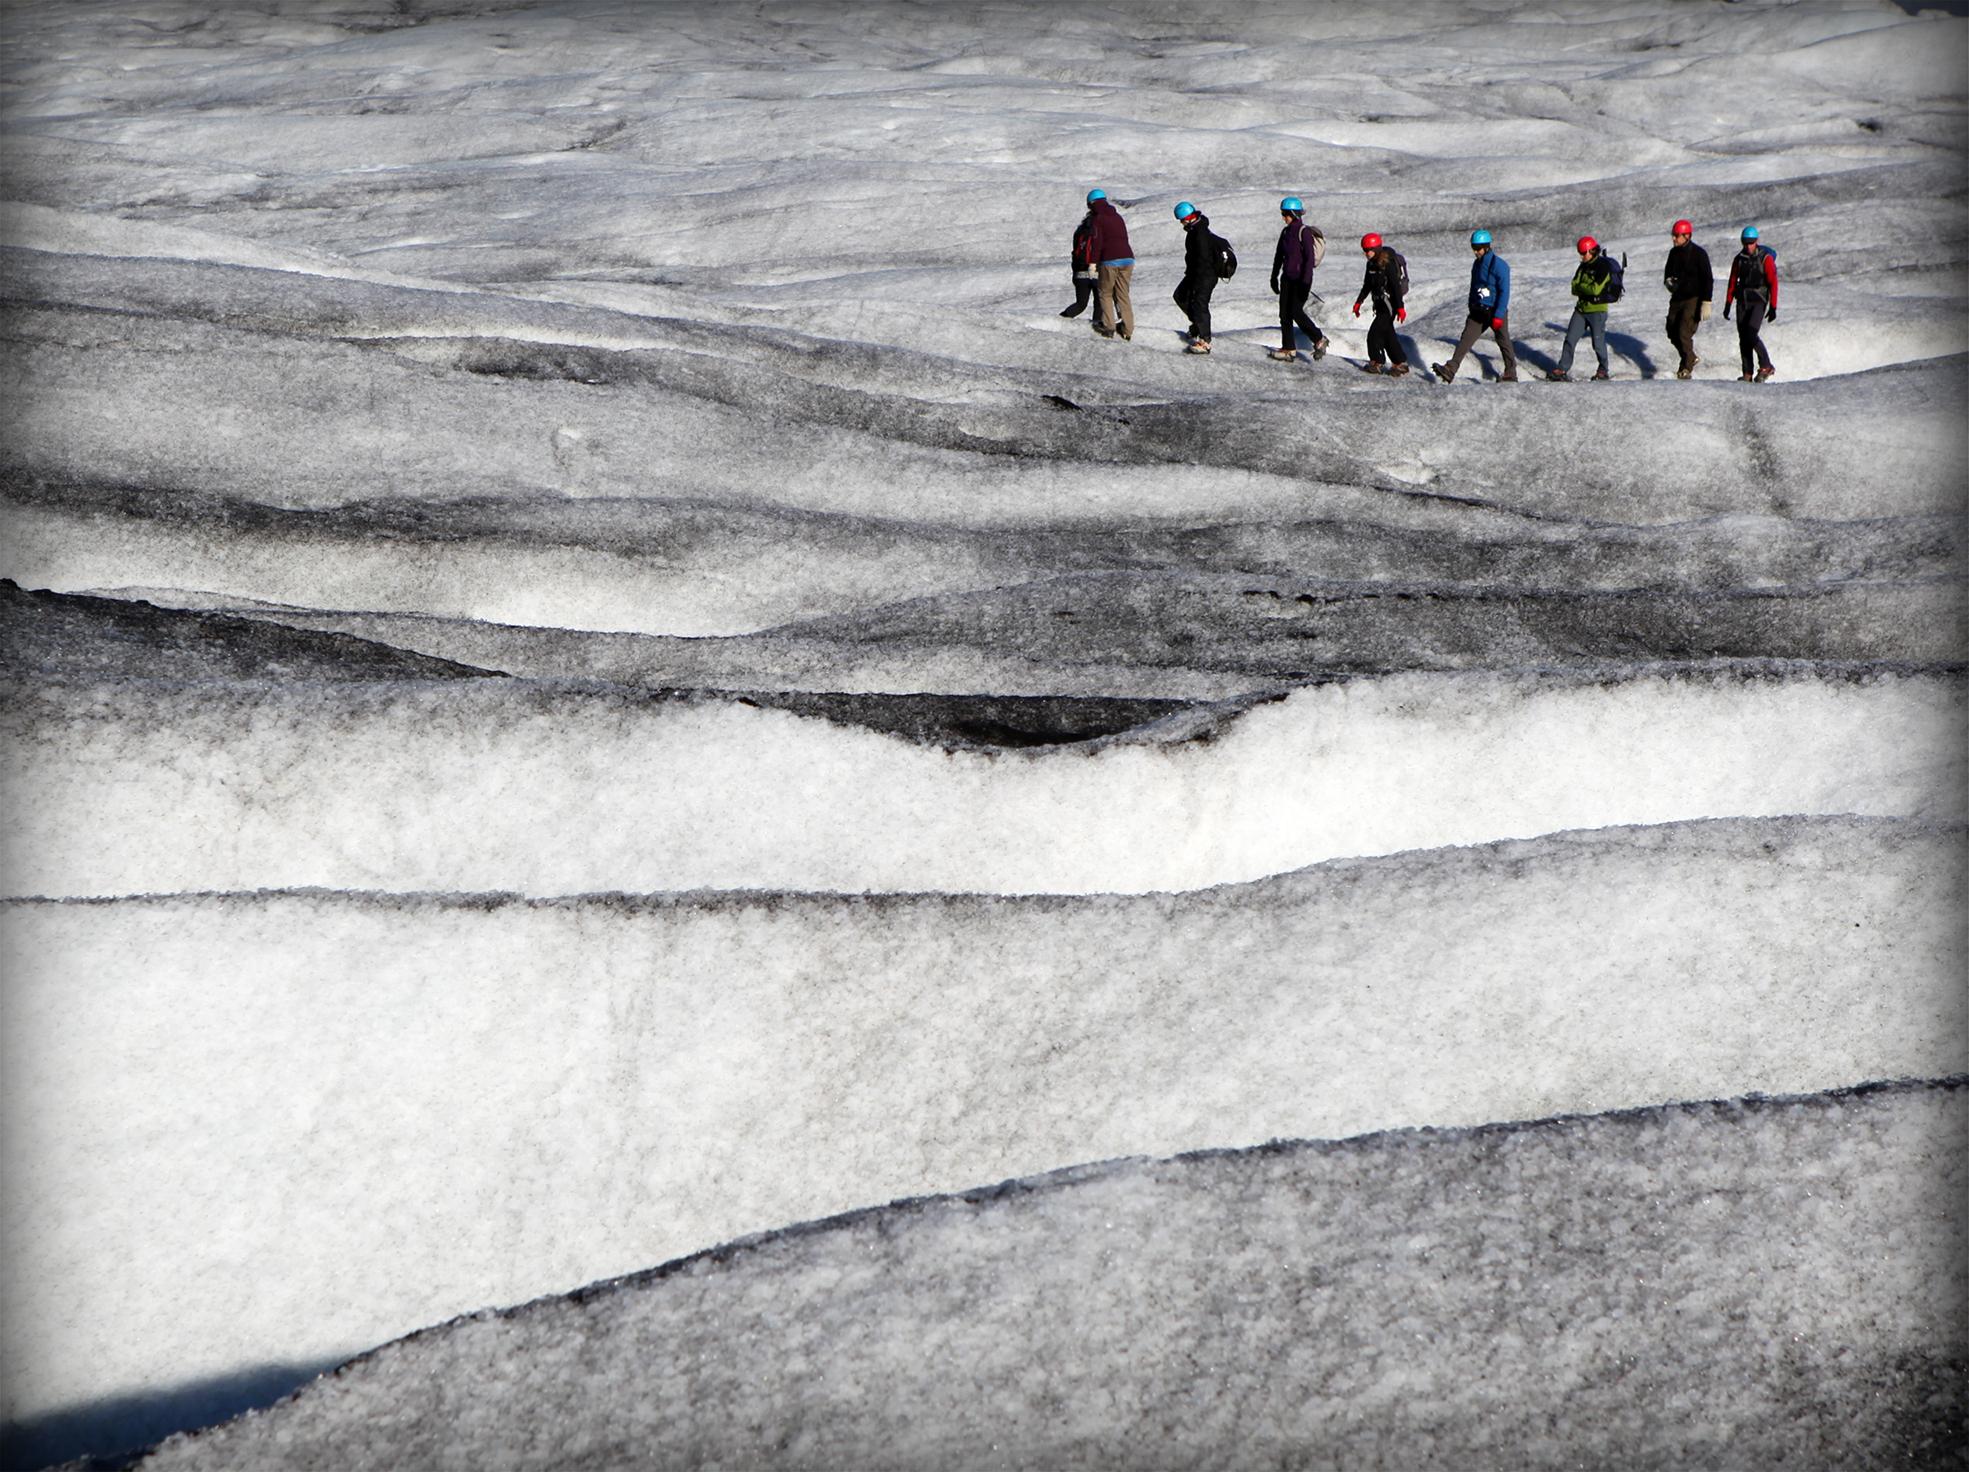 """Espectacular paseo por el glaciar Vatnajökull, paisaje grandioso, el cual te hace recordar un fragmento del libro de Barry López """"Sueños árticos"""" – """"….A veces tenemos una visión pasajera en campo abierto, un momento en que los contornos, los colores y el movimiento se intensifican y se nos revela un elemento sagrado que nos induce a creer en la existencia de otro espacio de realidad equivalente al espacio físico, pero distinto. El paisaje es como un poema: inexplicablemente coherente, trascendente en su significación y dotado del poder de trasladar a un plano más elevado las consideraciones sobre la vida humana…"""" CATEGORÍA: Espíritu de exploración."""